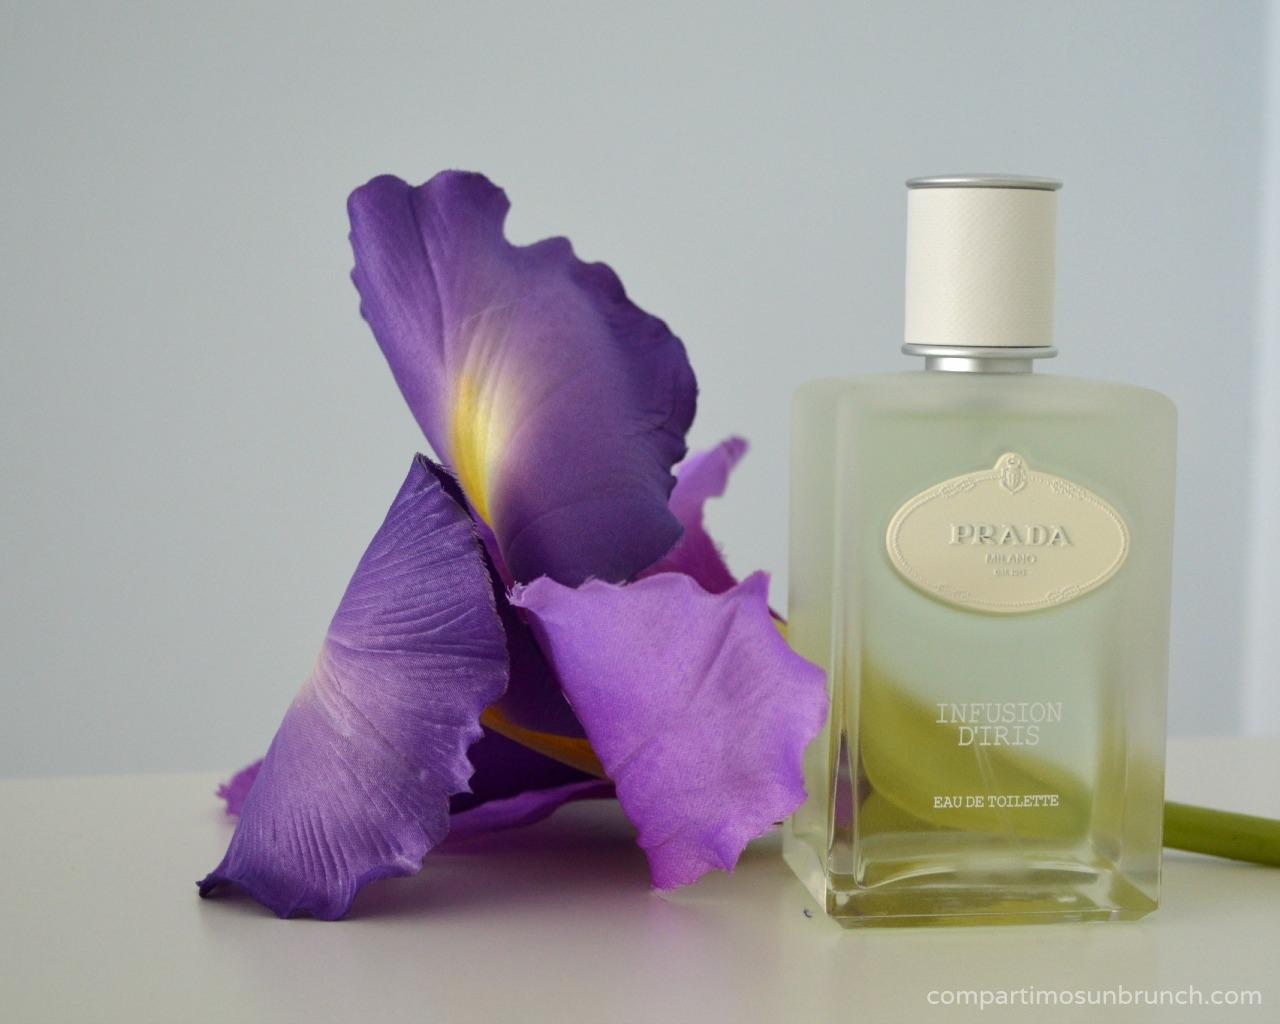 Iris-Prada